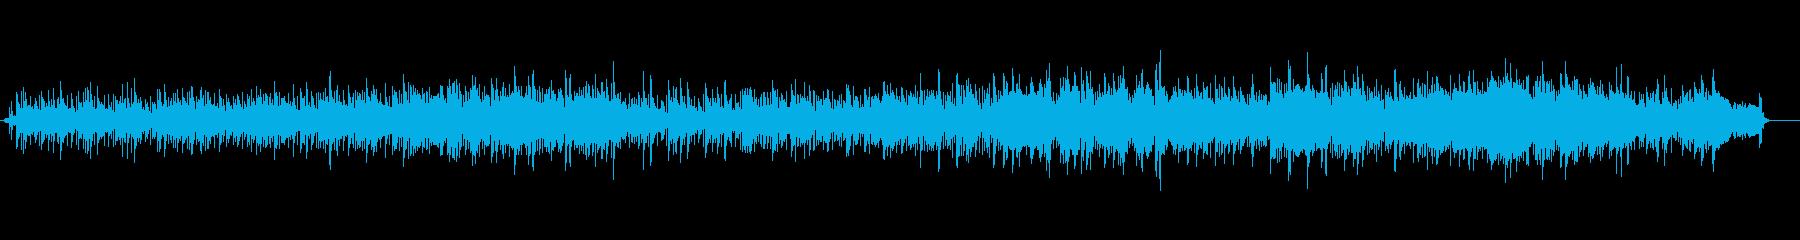 ほのぼのとしたアコースティックなナンバーの再生済みの波形